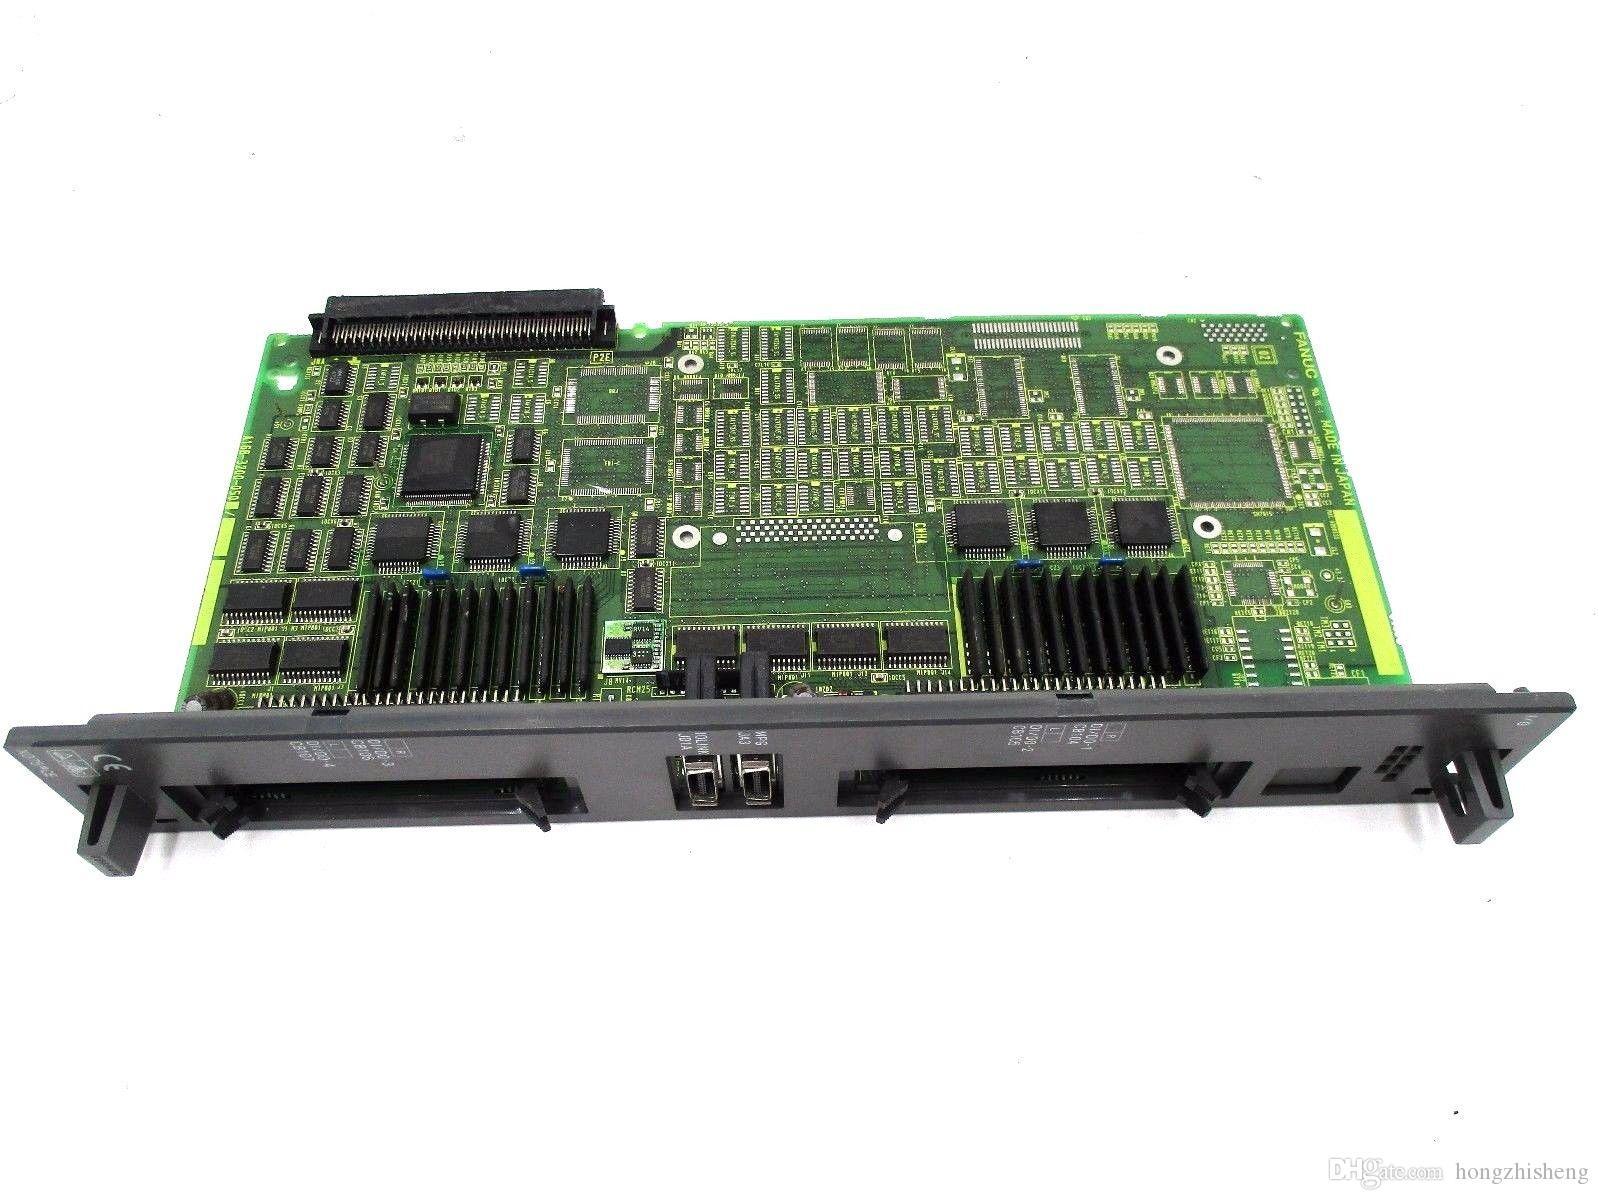 ИСПОЛЬЗОВАННАЯ плата Fanuc IO A16B-3200-0500 / 02A - гарантированно работает